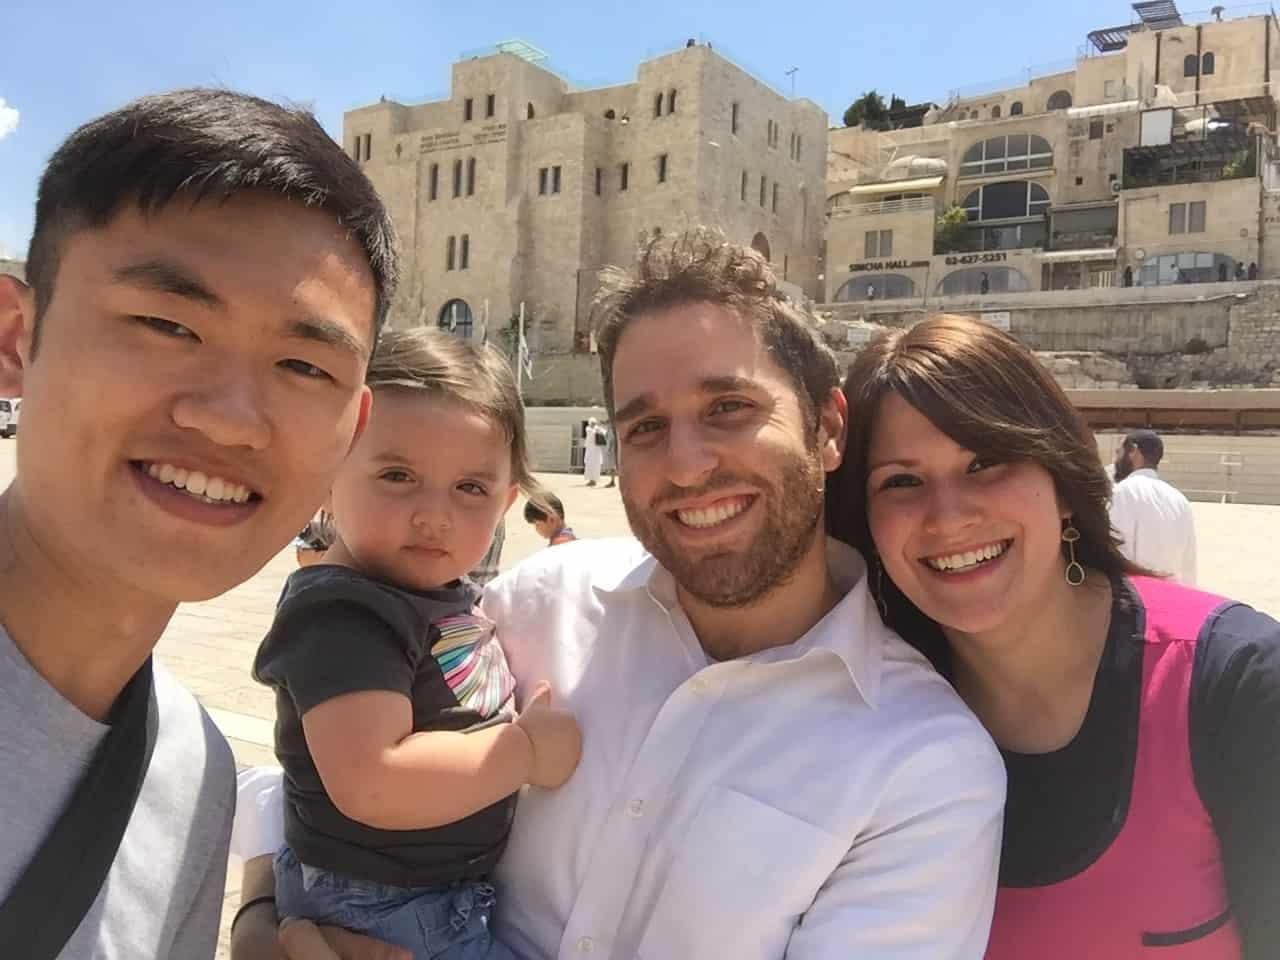 【志工:教育部青發署以色列國際志工】黃品豪:舒適圈外,我的真實以色列